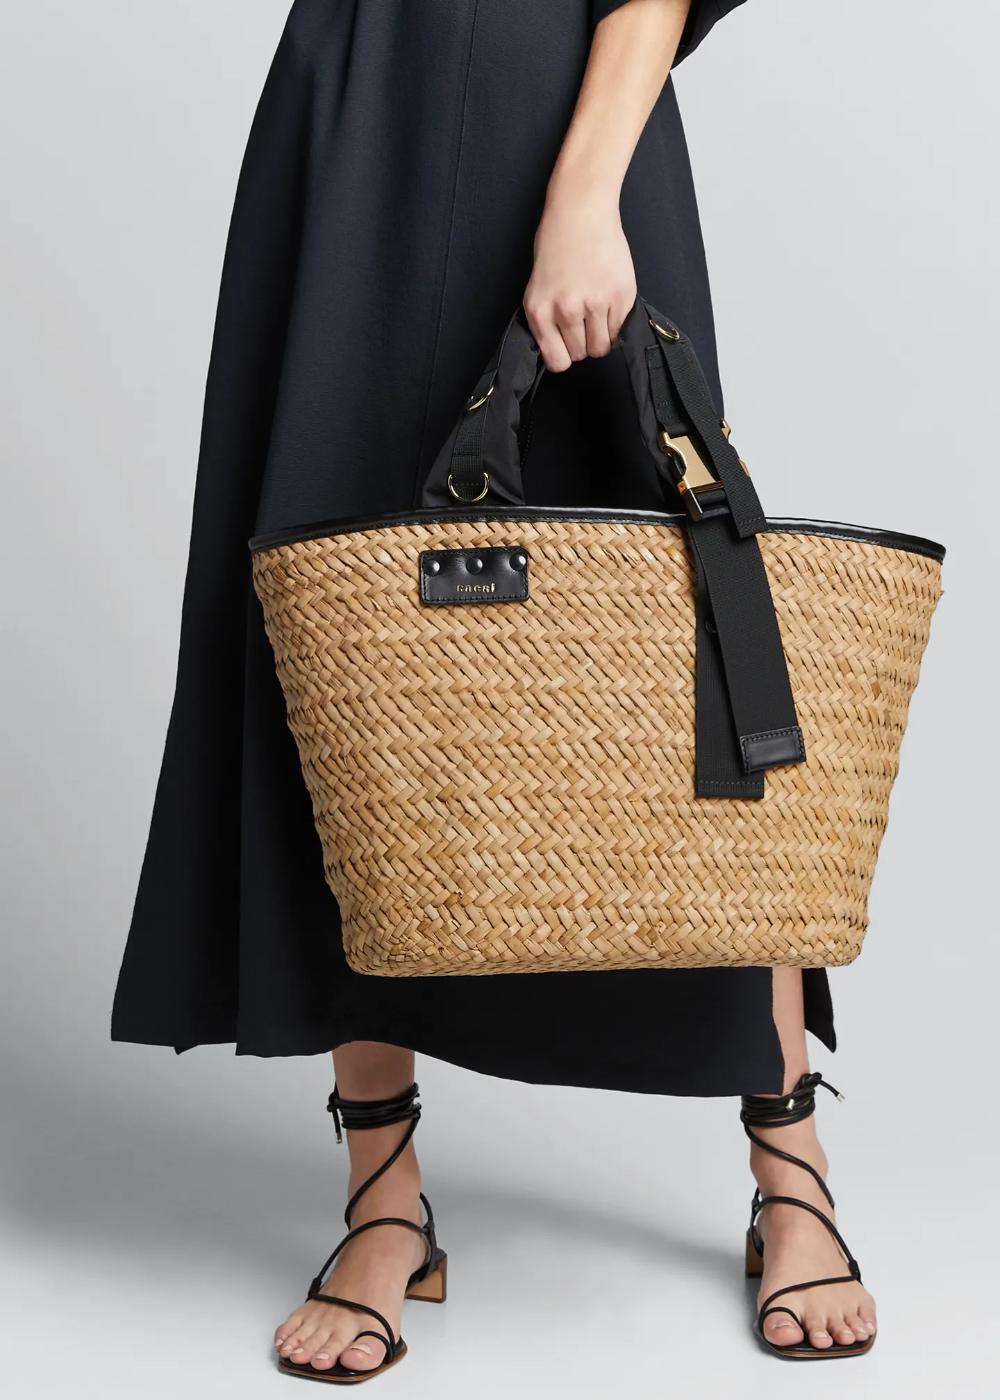 2019 Designer Bucket Macrame Resort Beach Tan Tote Bag